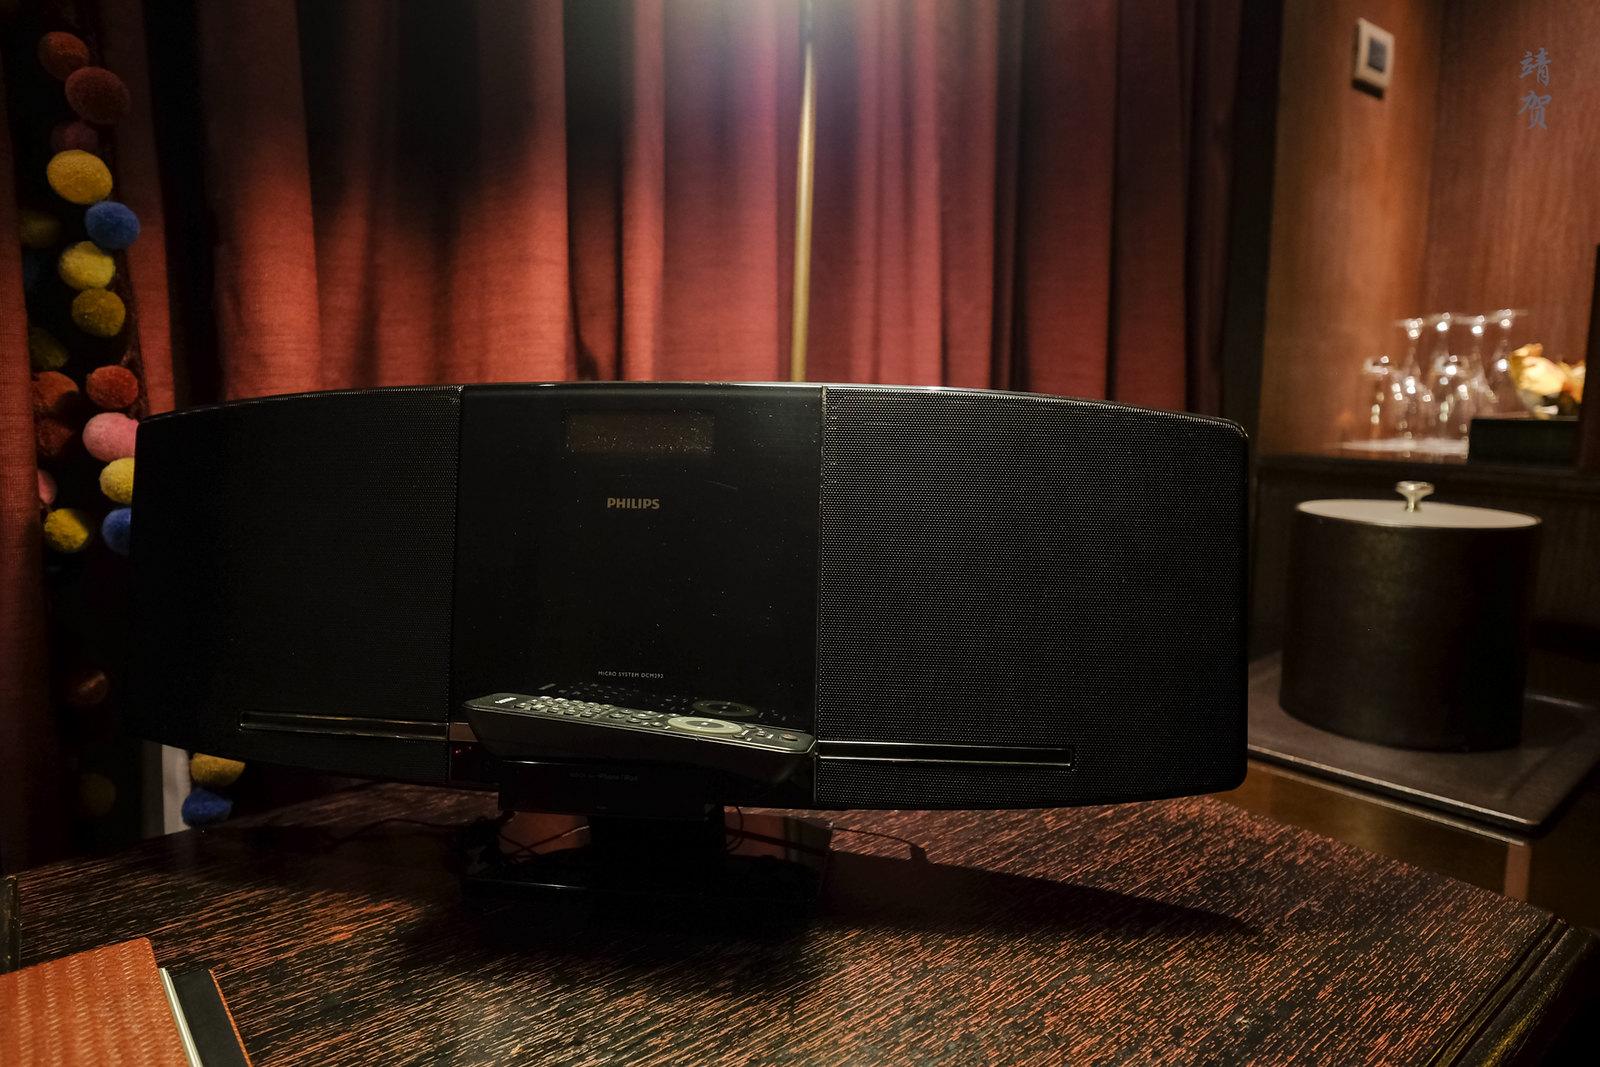 Philips speaker dock